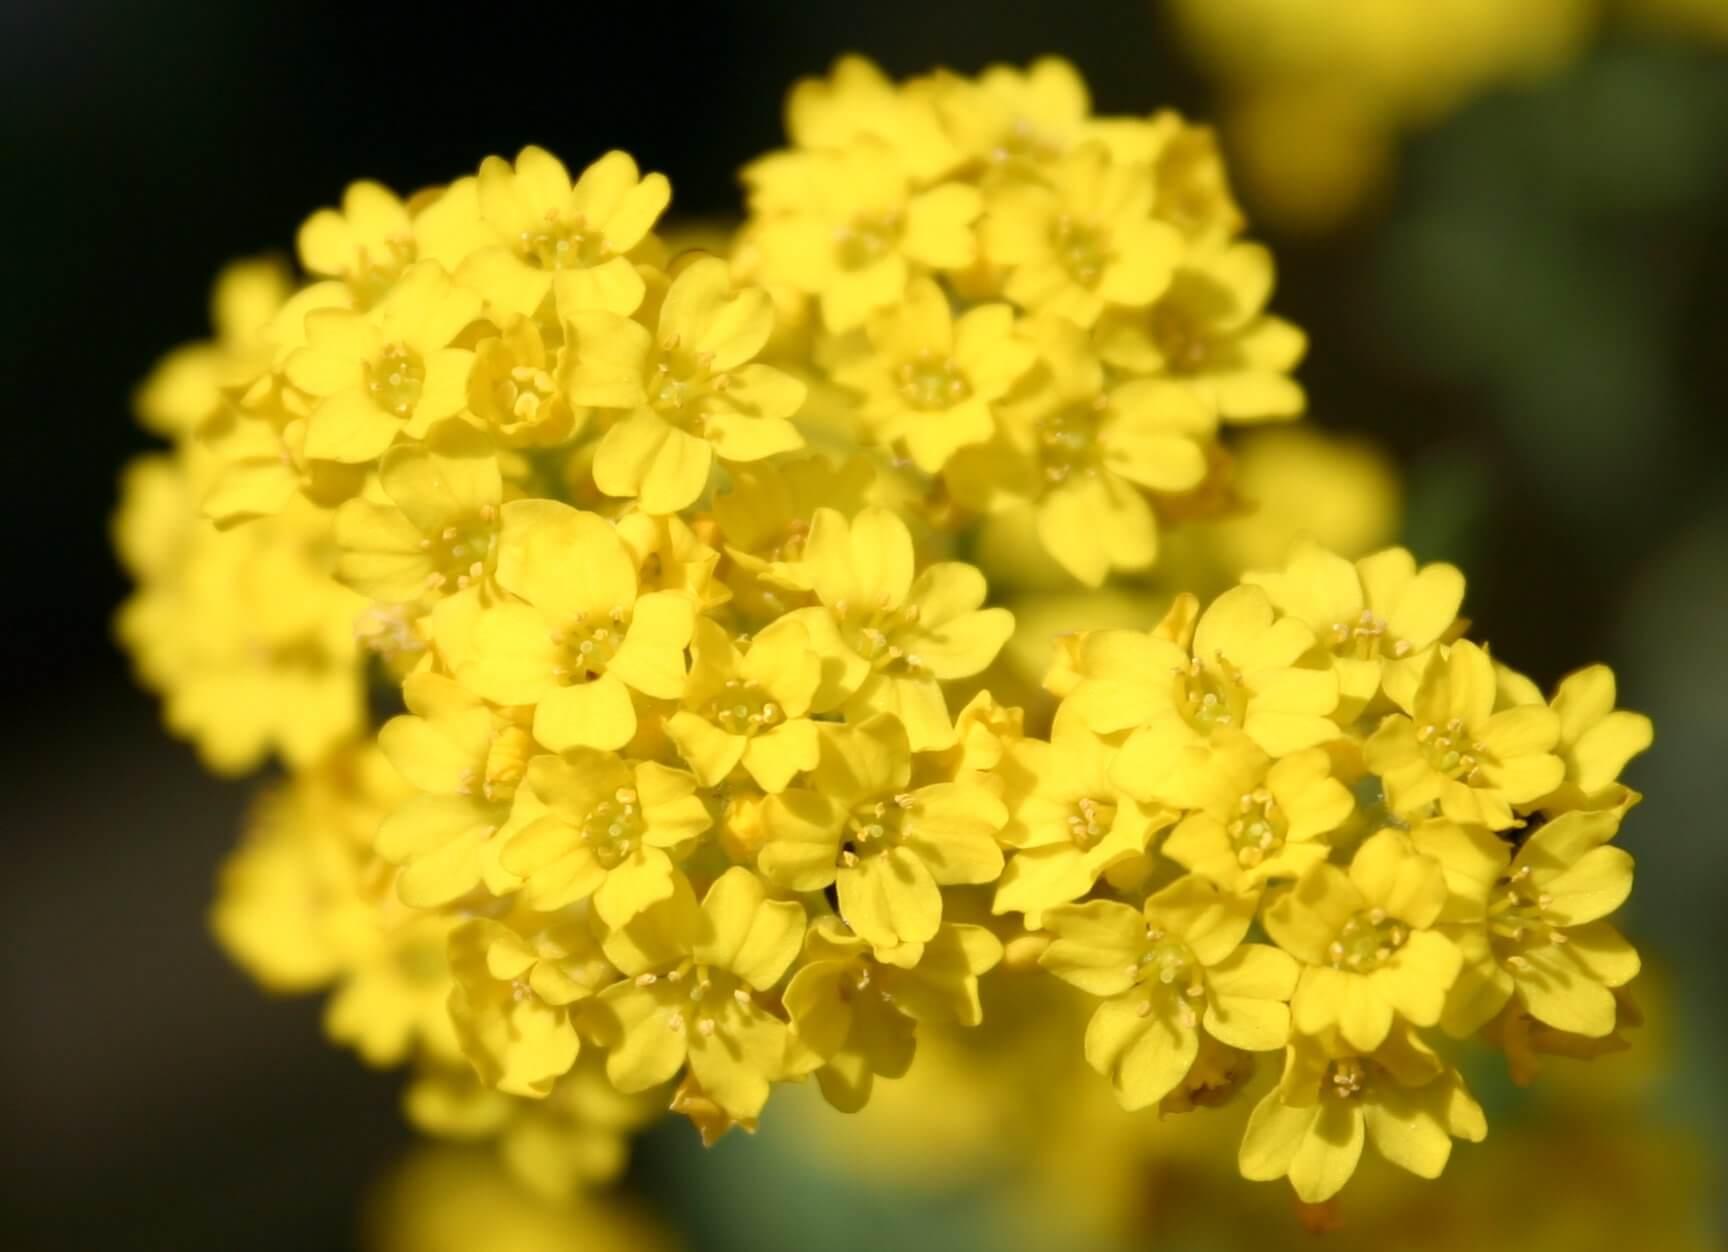 10 تا از بهترین گلهای برای زنبورها   گلهای مناسب برای زنبورها